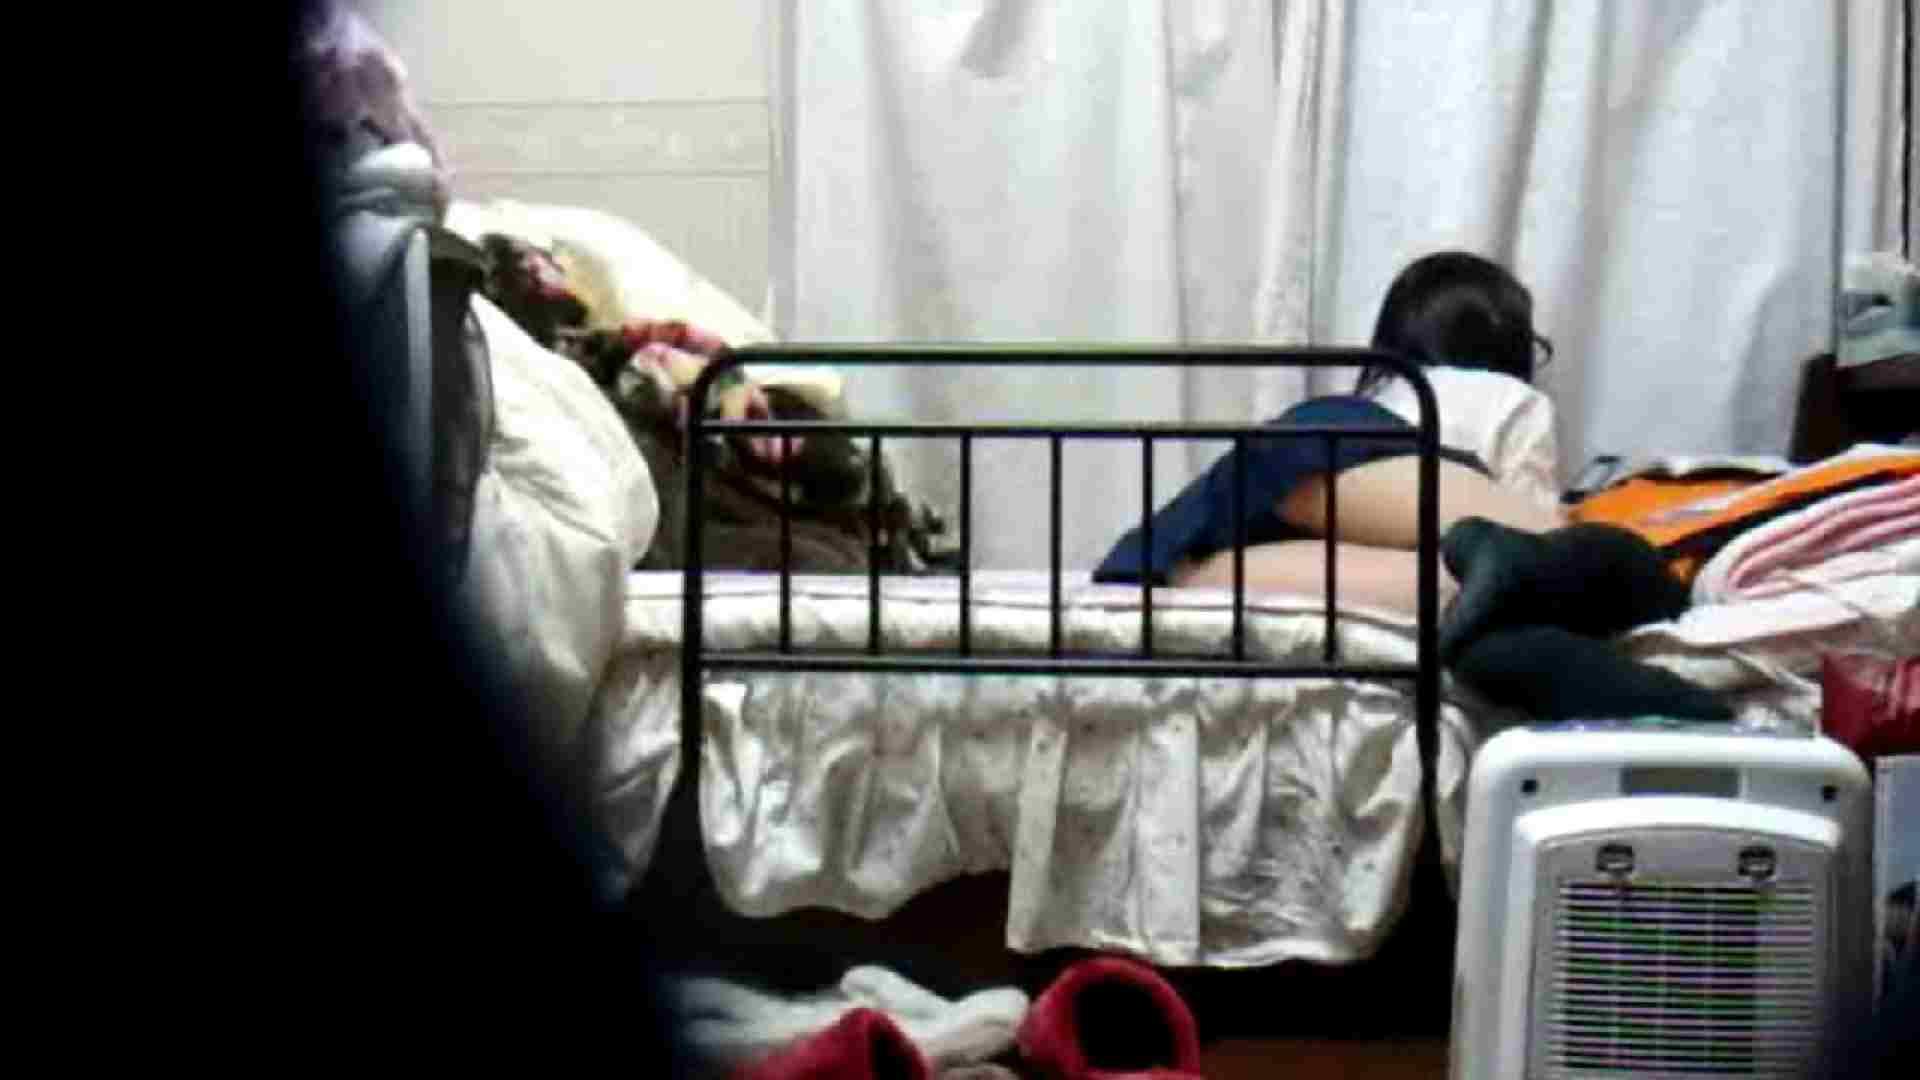 二人とも育てた甲斐がありました… vol.04 まどかが帰宅してベッドでセックス OLセックス  57画像 20